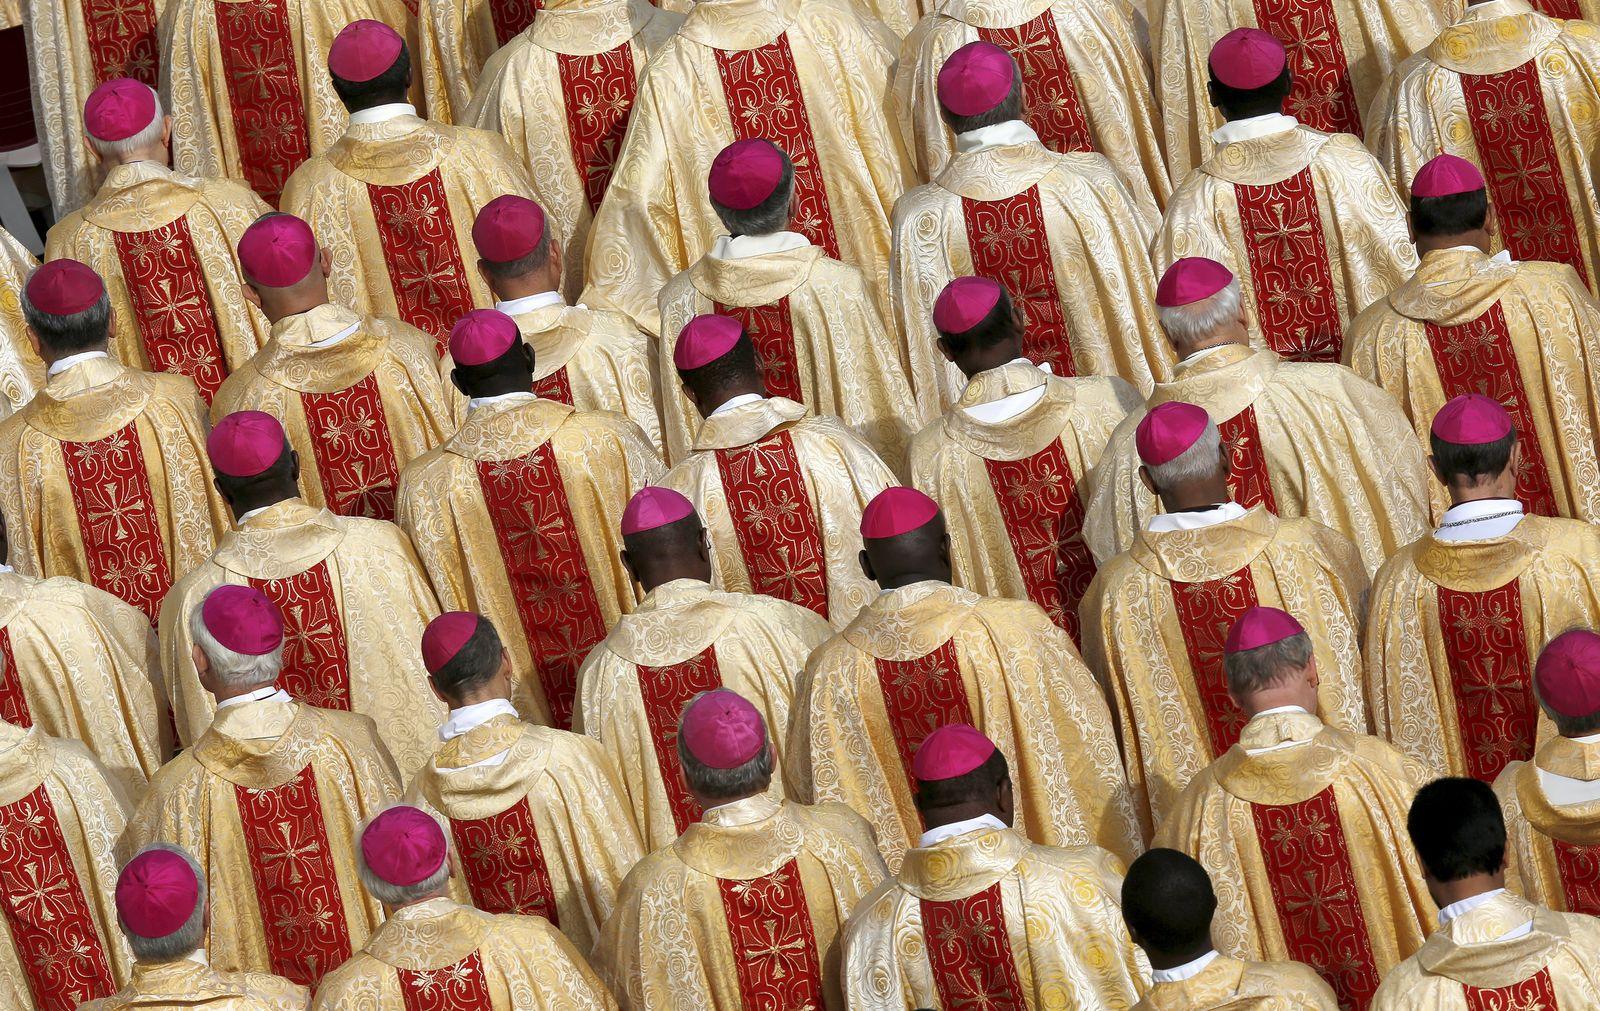 Bischöfe / Vatikan / Synode